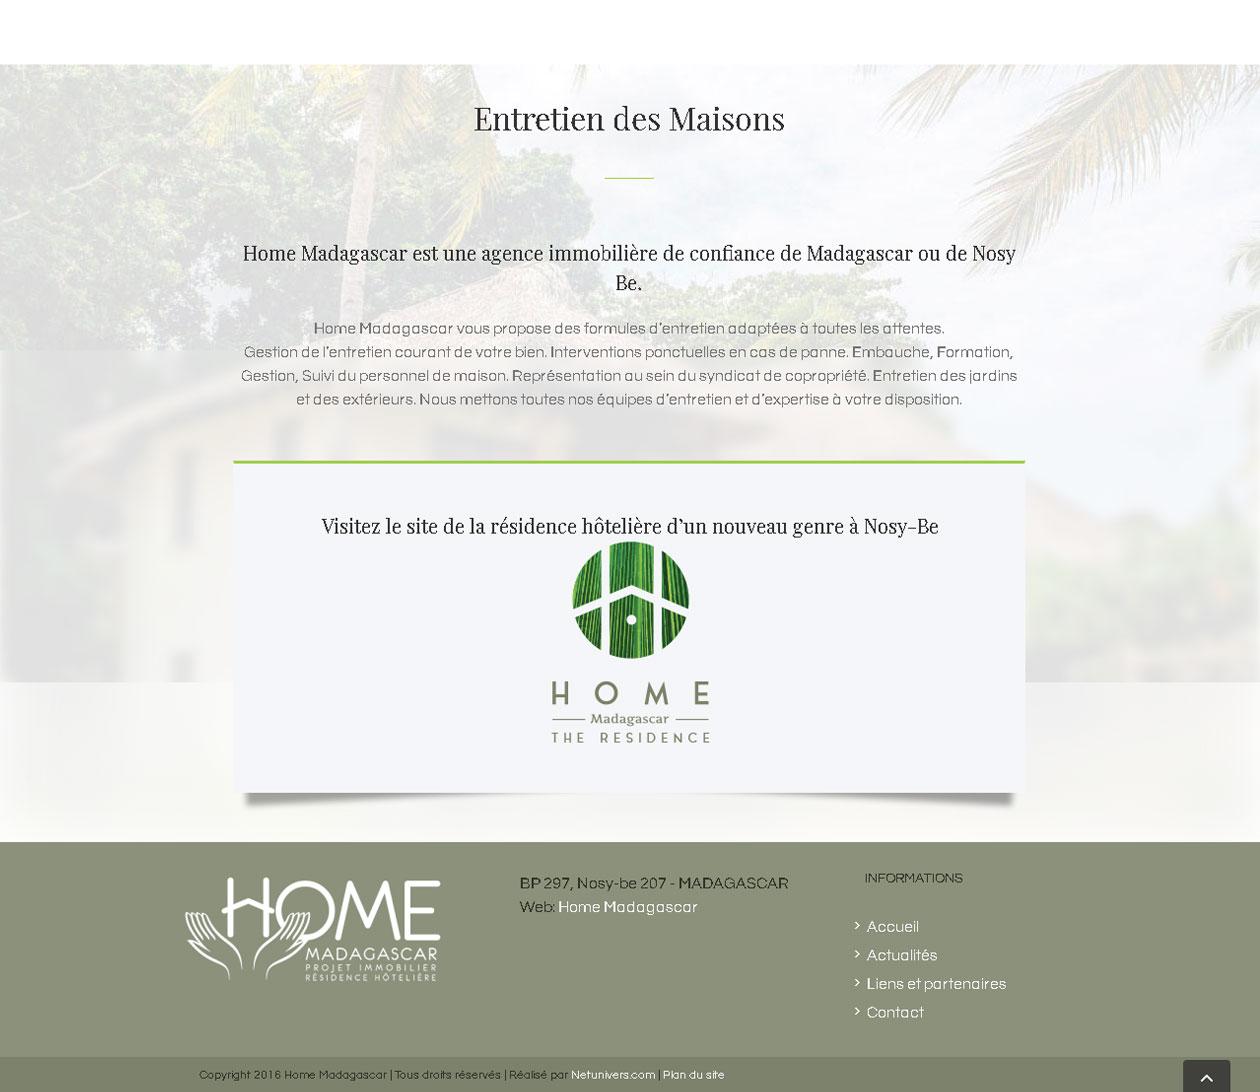 Site immobilier - Home Madagascar